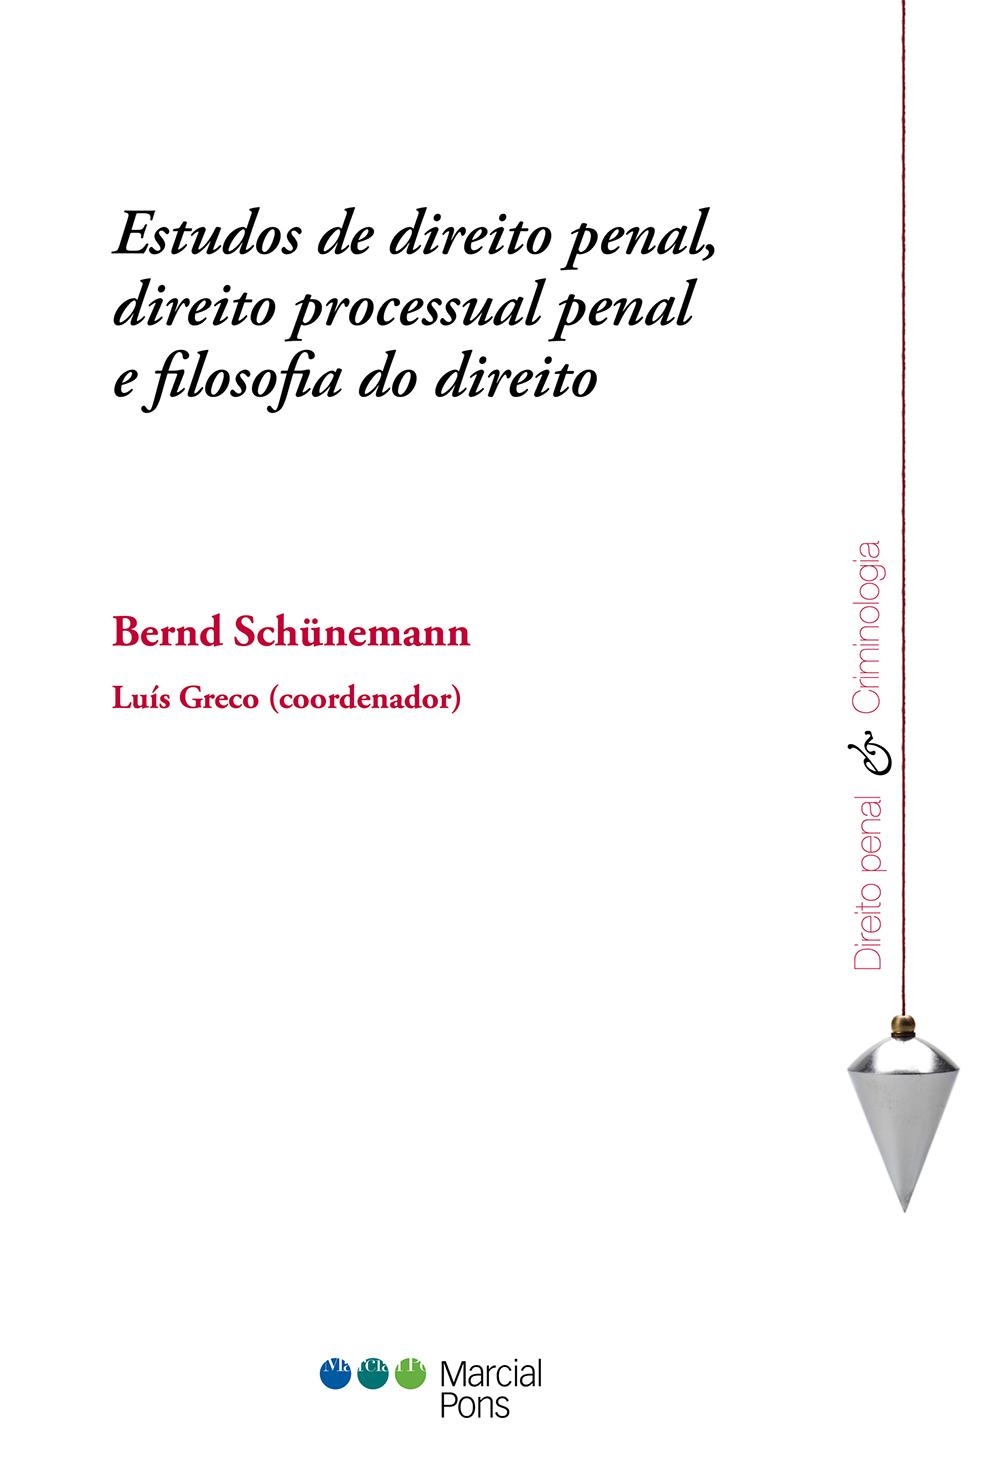 Portada del libro Estudos de direito penal, direito processual penal e filosofia do direito